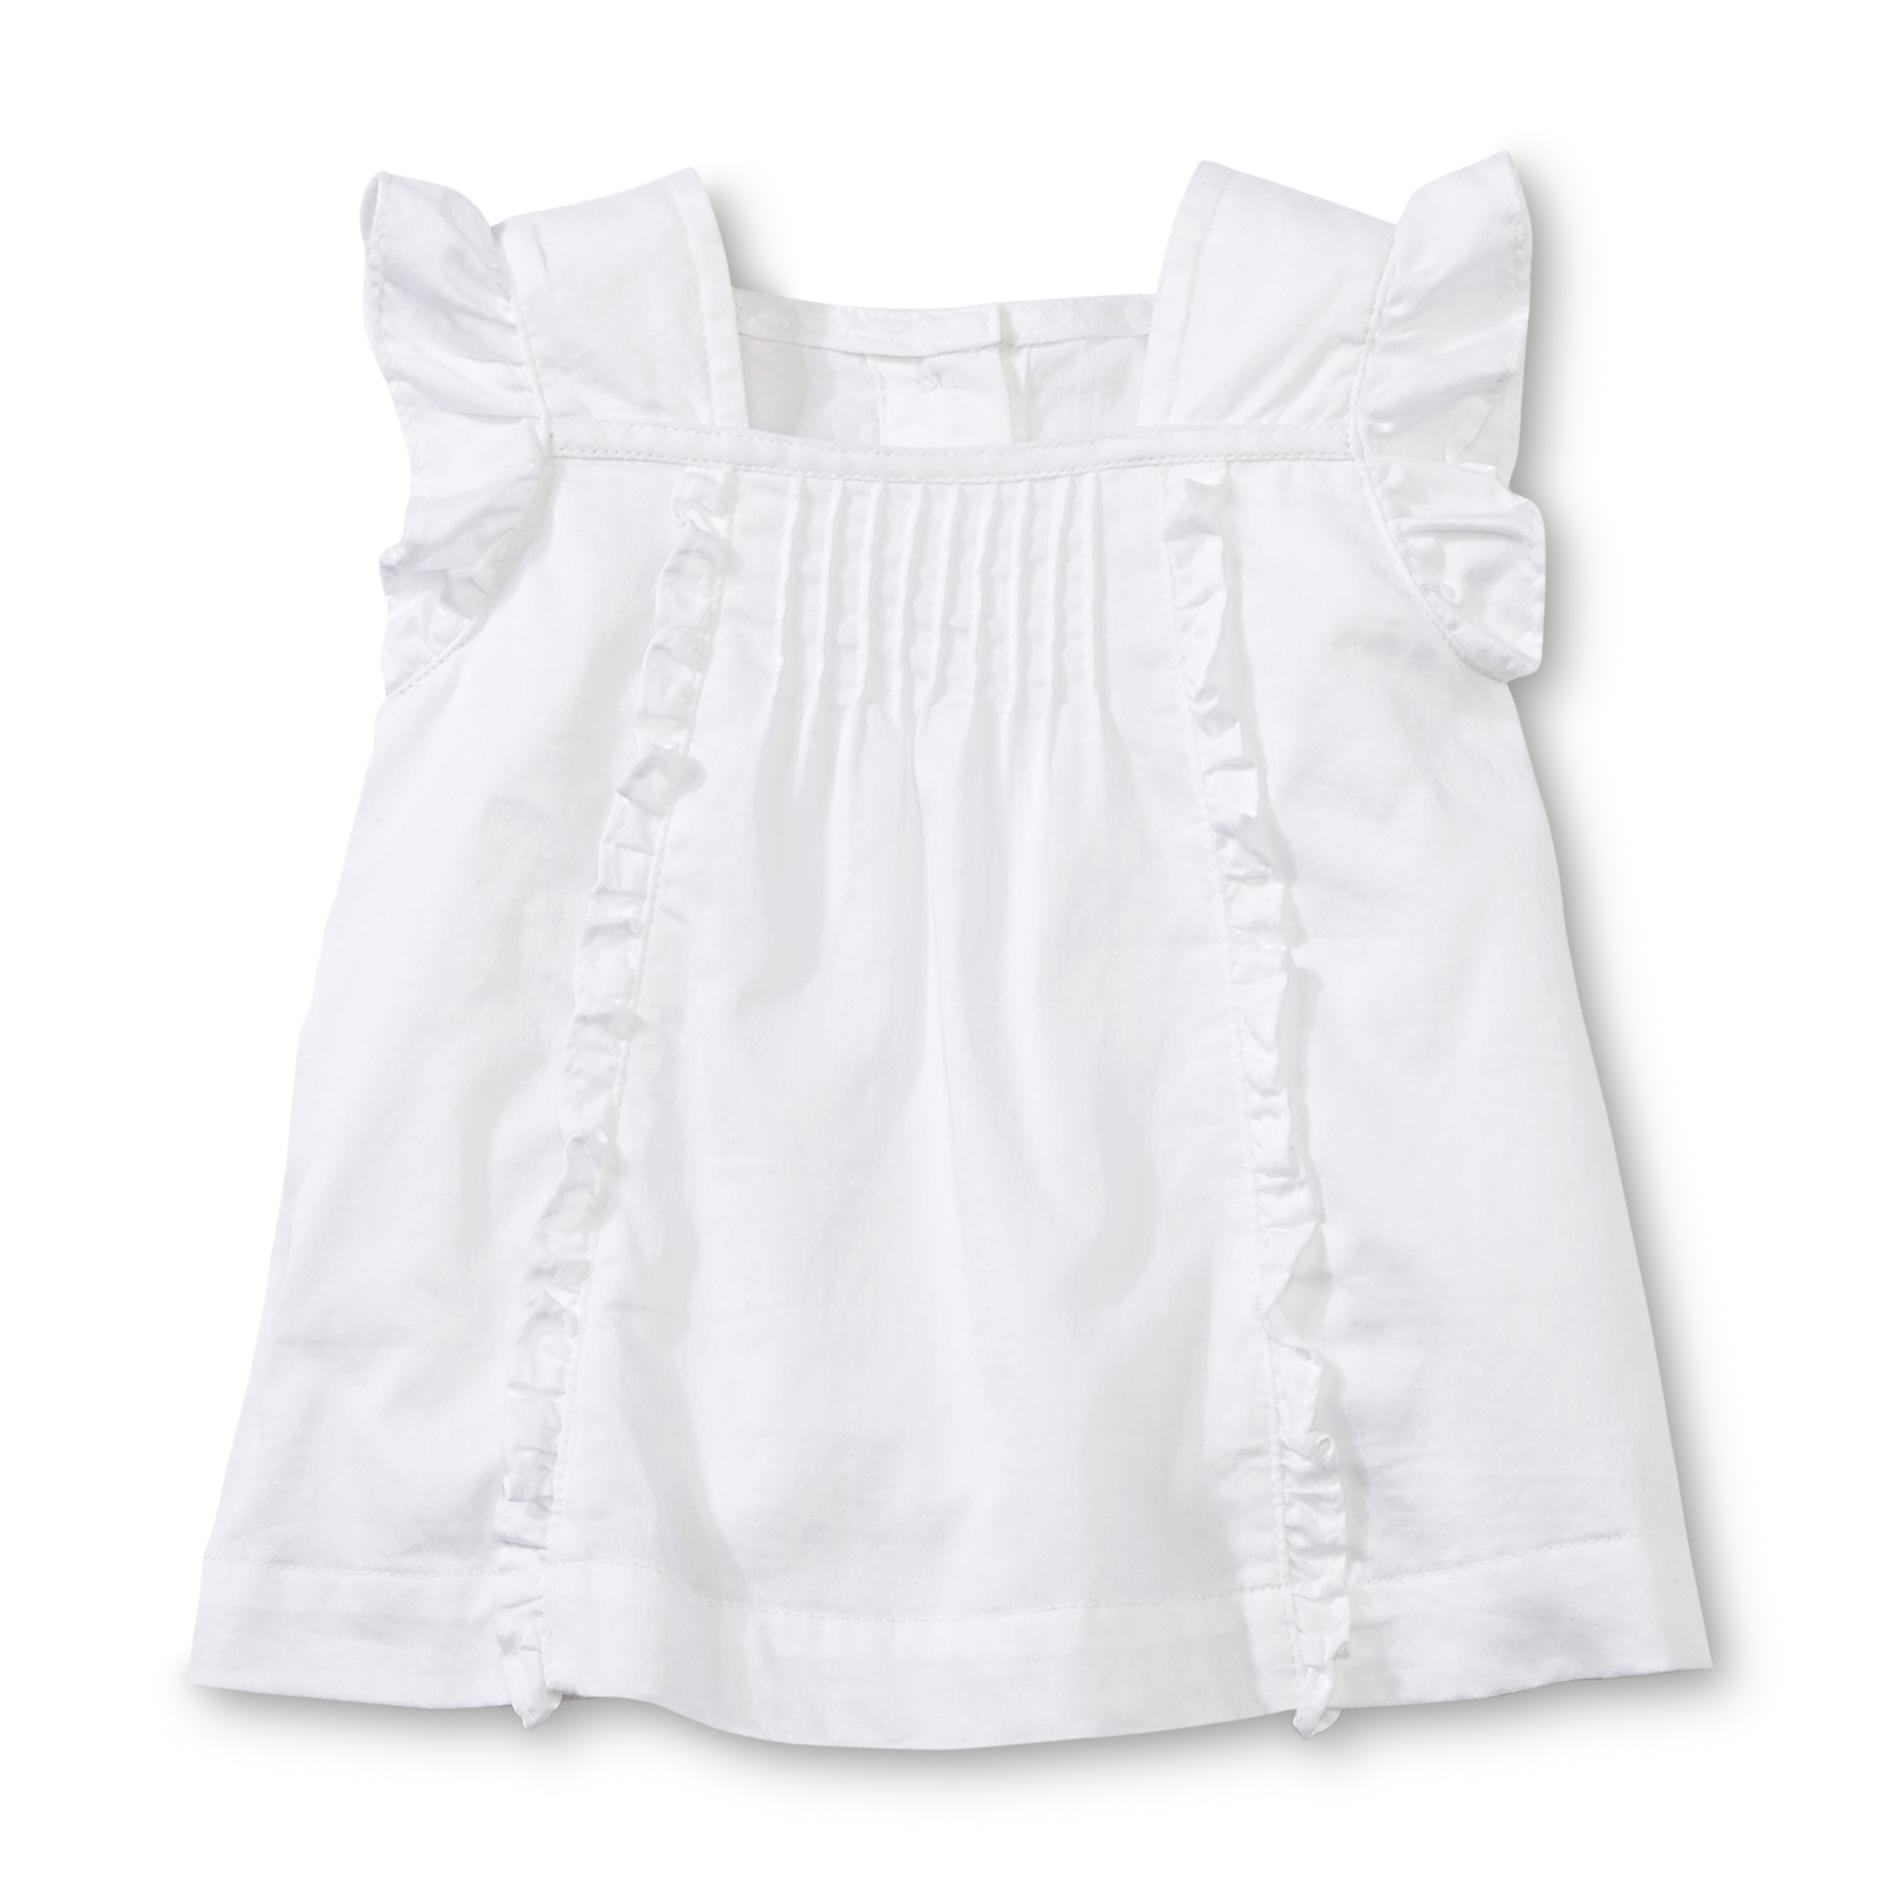 Little Wonders Newborn & Infant Girl's Ruffled Dress